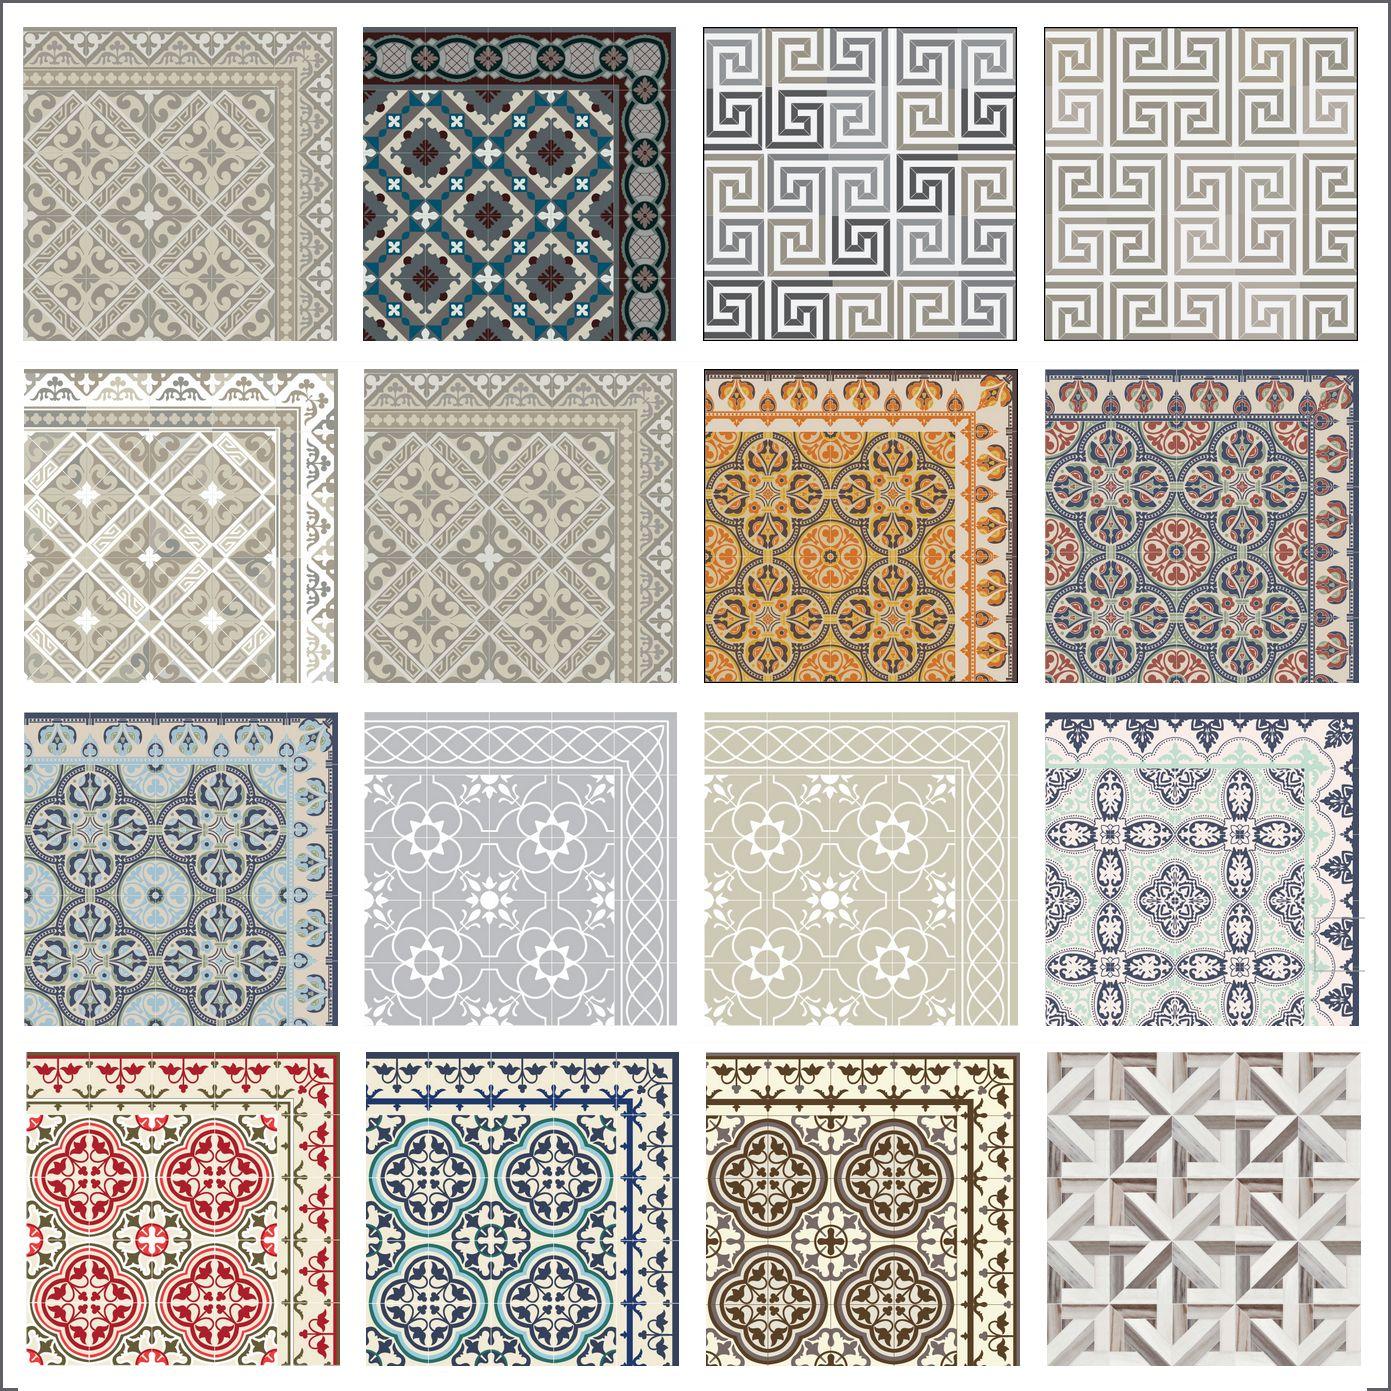 Tapis Imitation Carreaux De Ciment Vinyle les tapis en vinyl beija flor, imitation carreaux de ciment